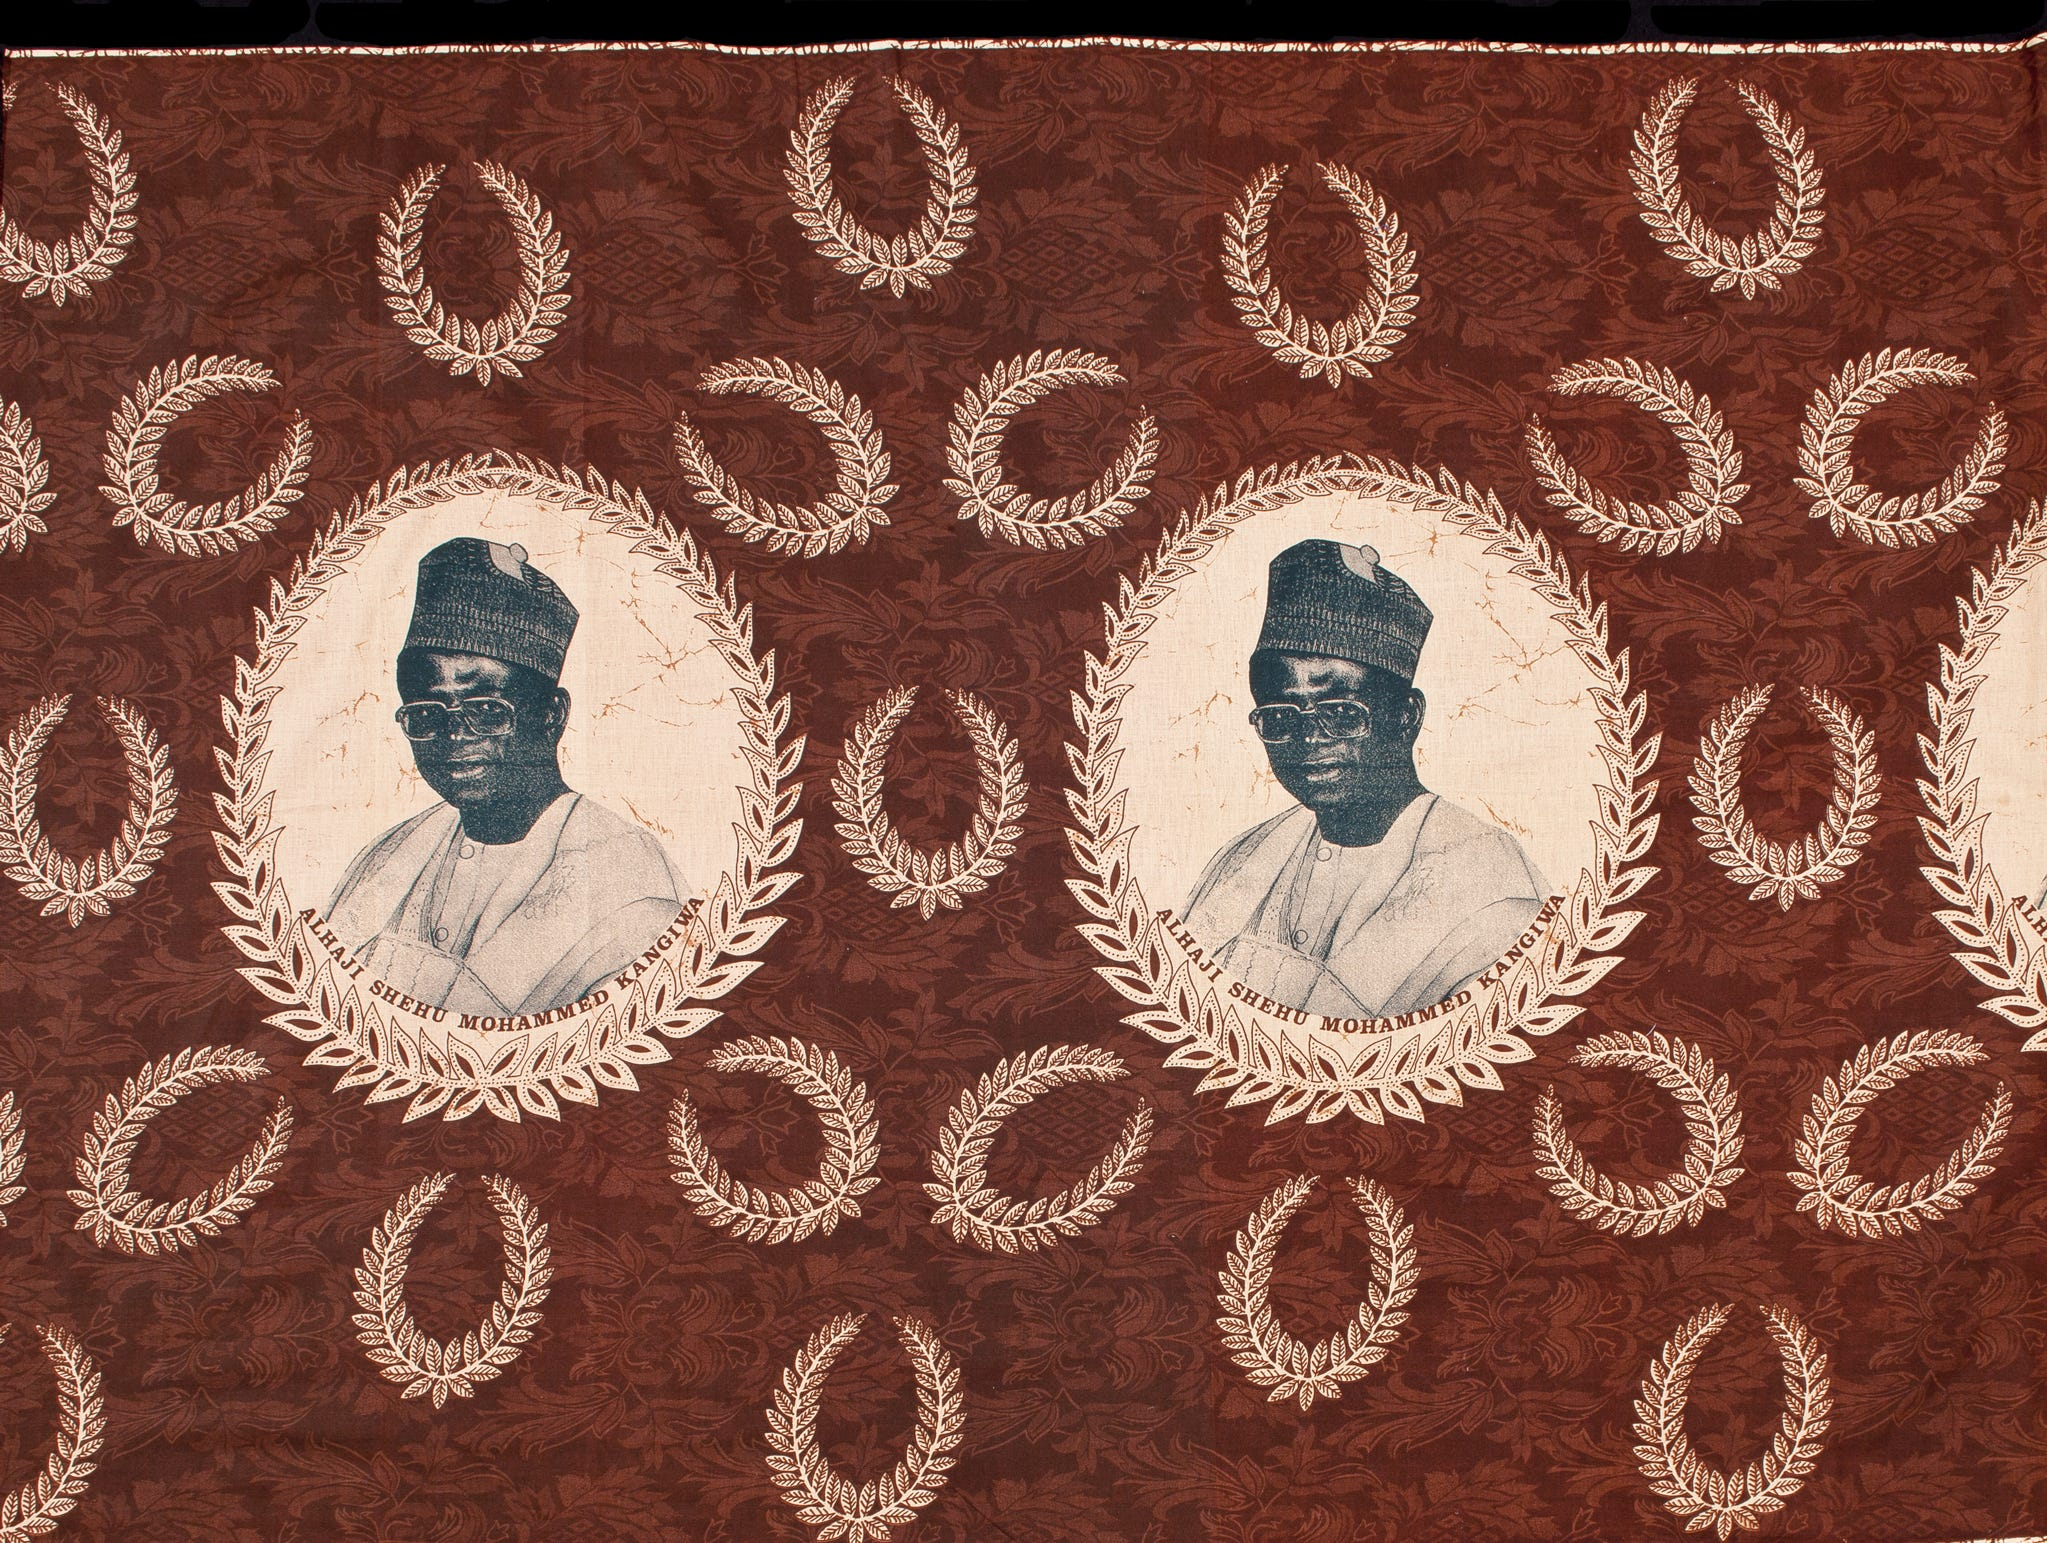 """""""Portrait of Alhaji Shehu Muhammad Kangiwa with Olive Leaf Wreaths, Burkina Faso, late 20th century."""